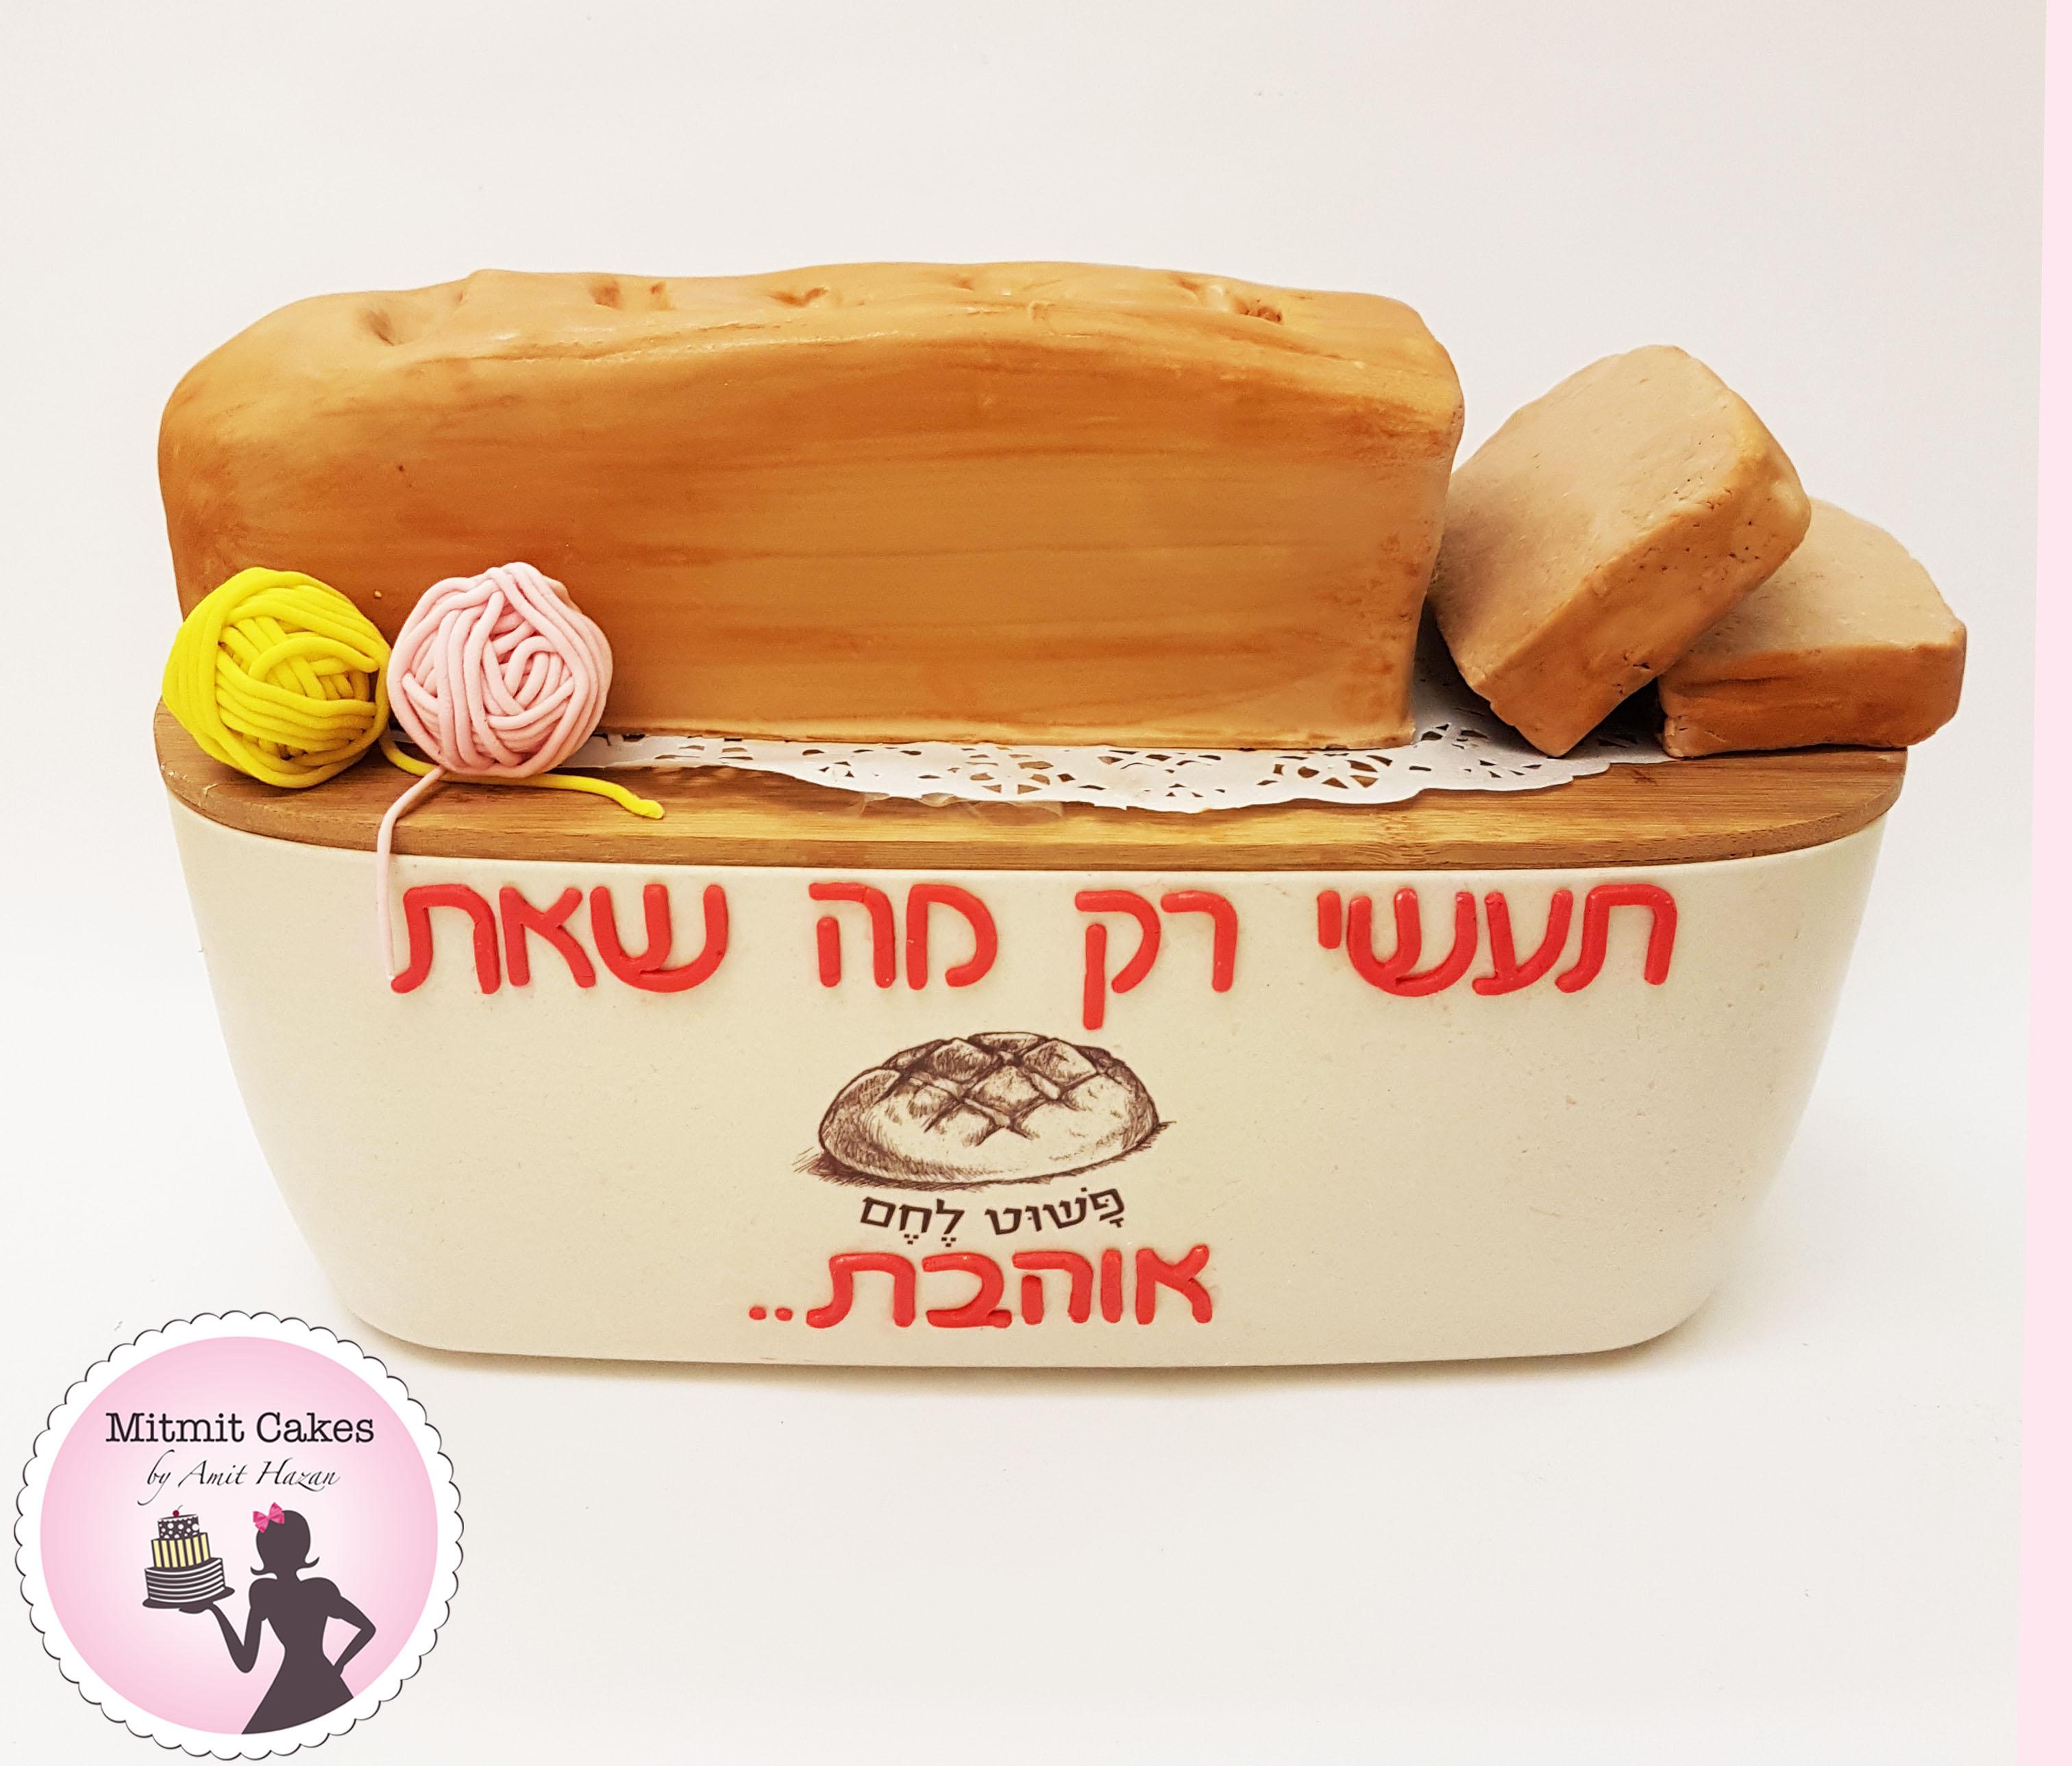 עוגה בצורת לחם